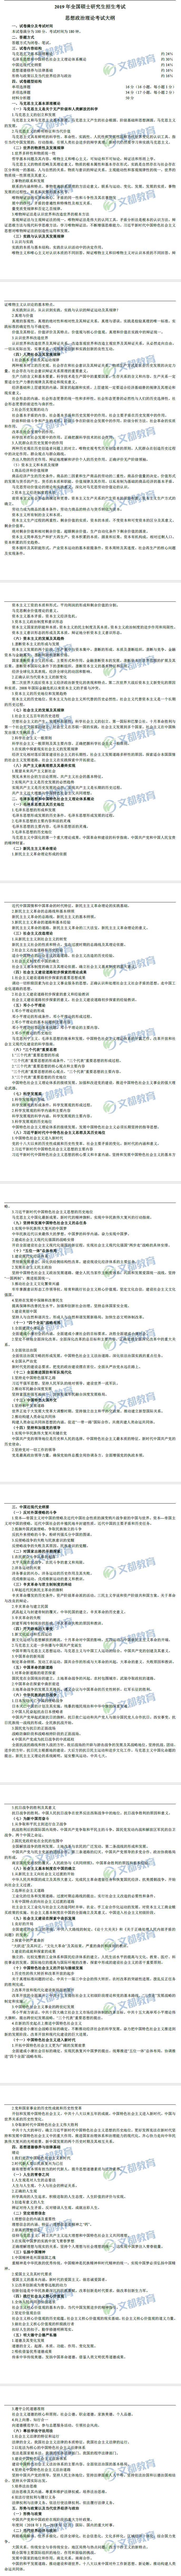 2019考研政治大纲原文(pdf版)